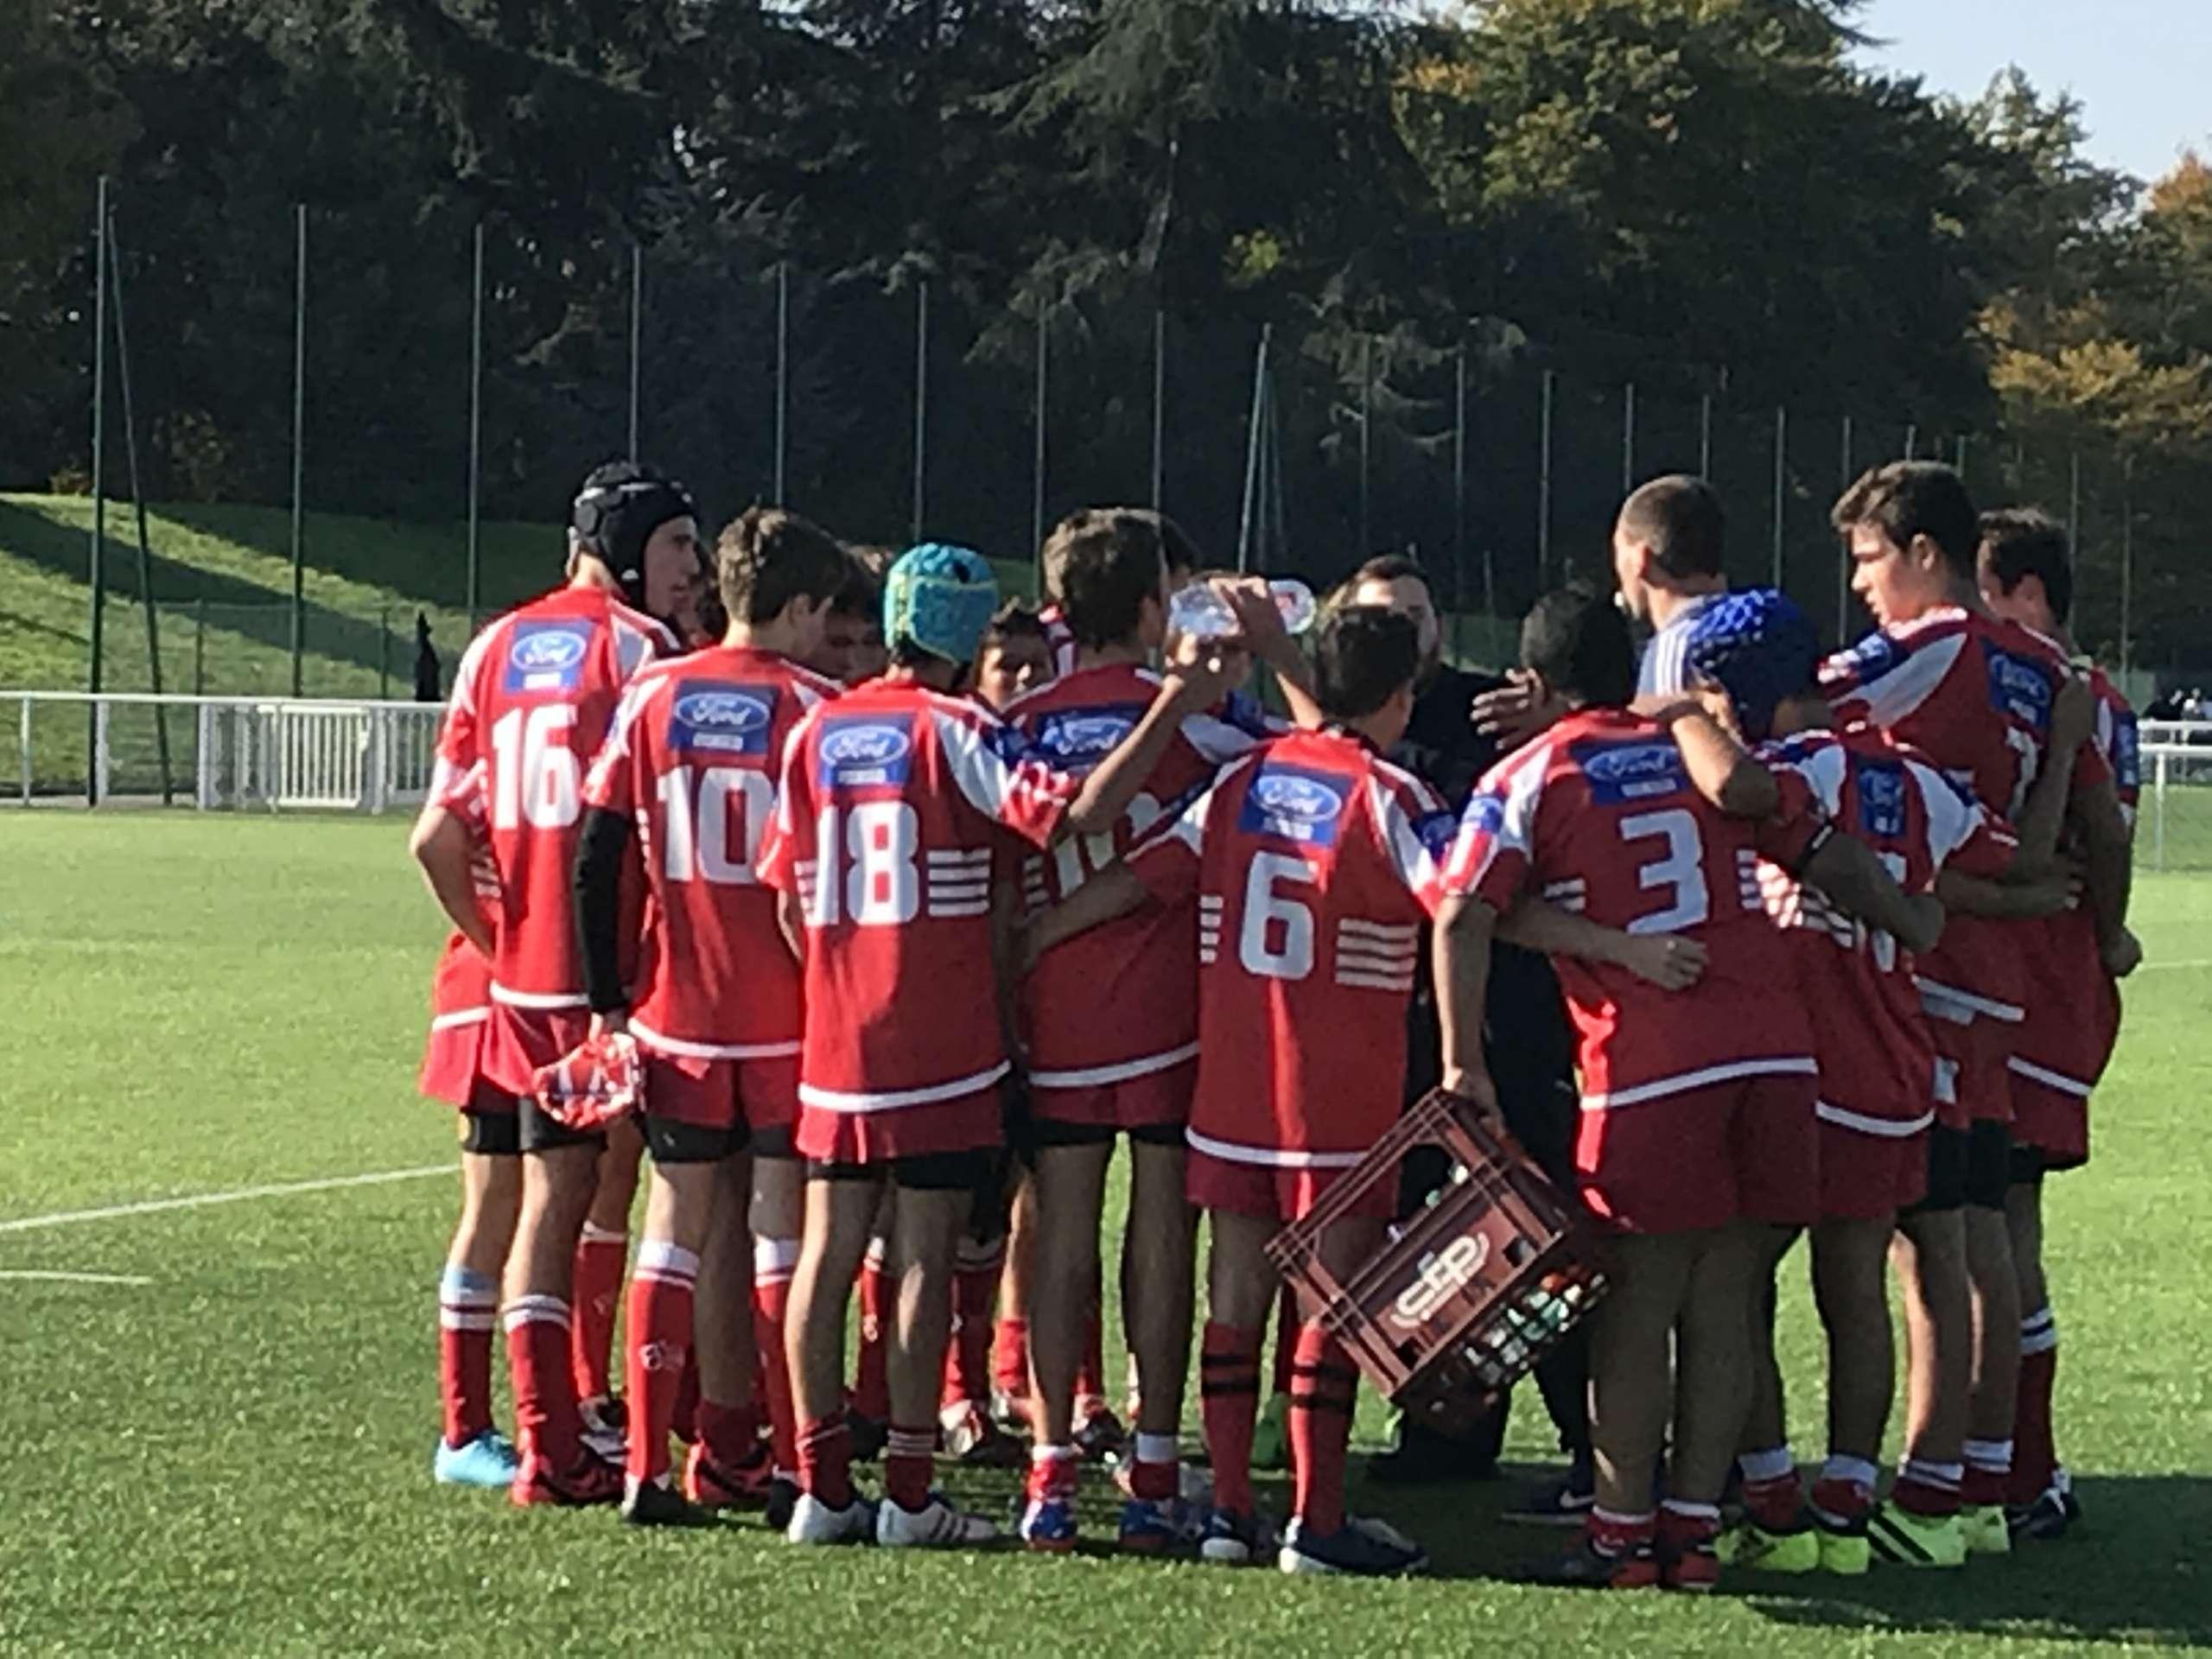 Clamart Rugby 92- Résultats des équipes Teulière